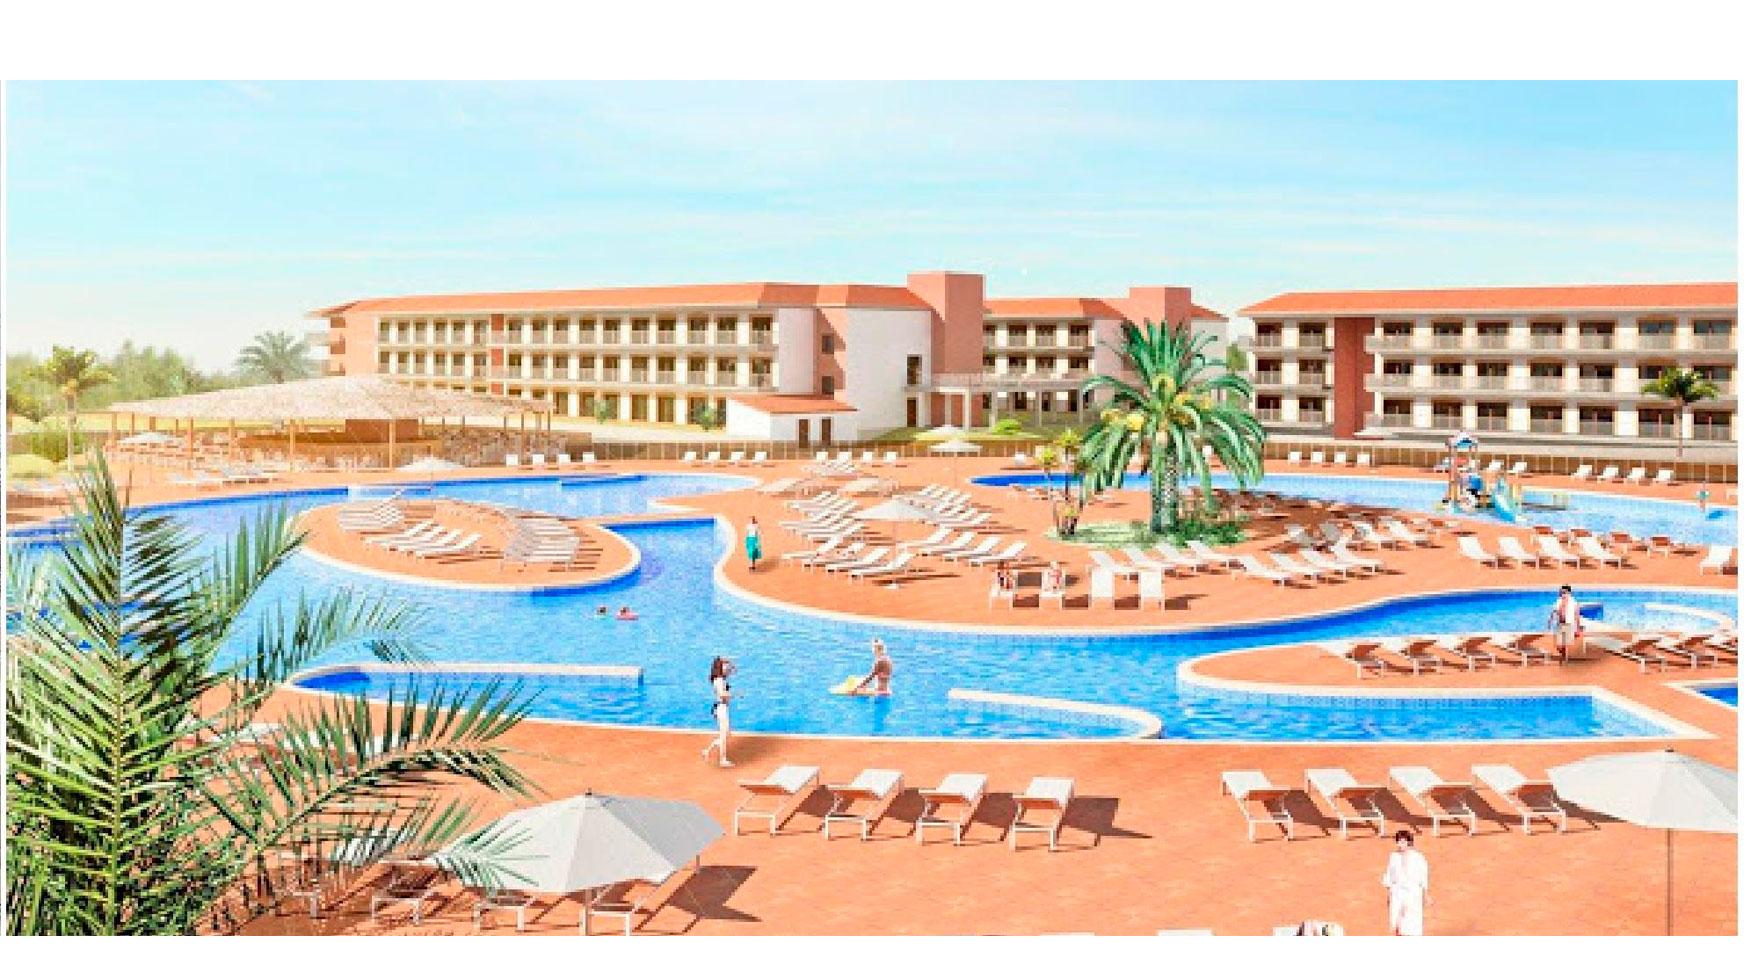 el nuevo hotel best costa ballena de la cadena best hotels apuesta